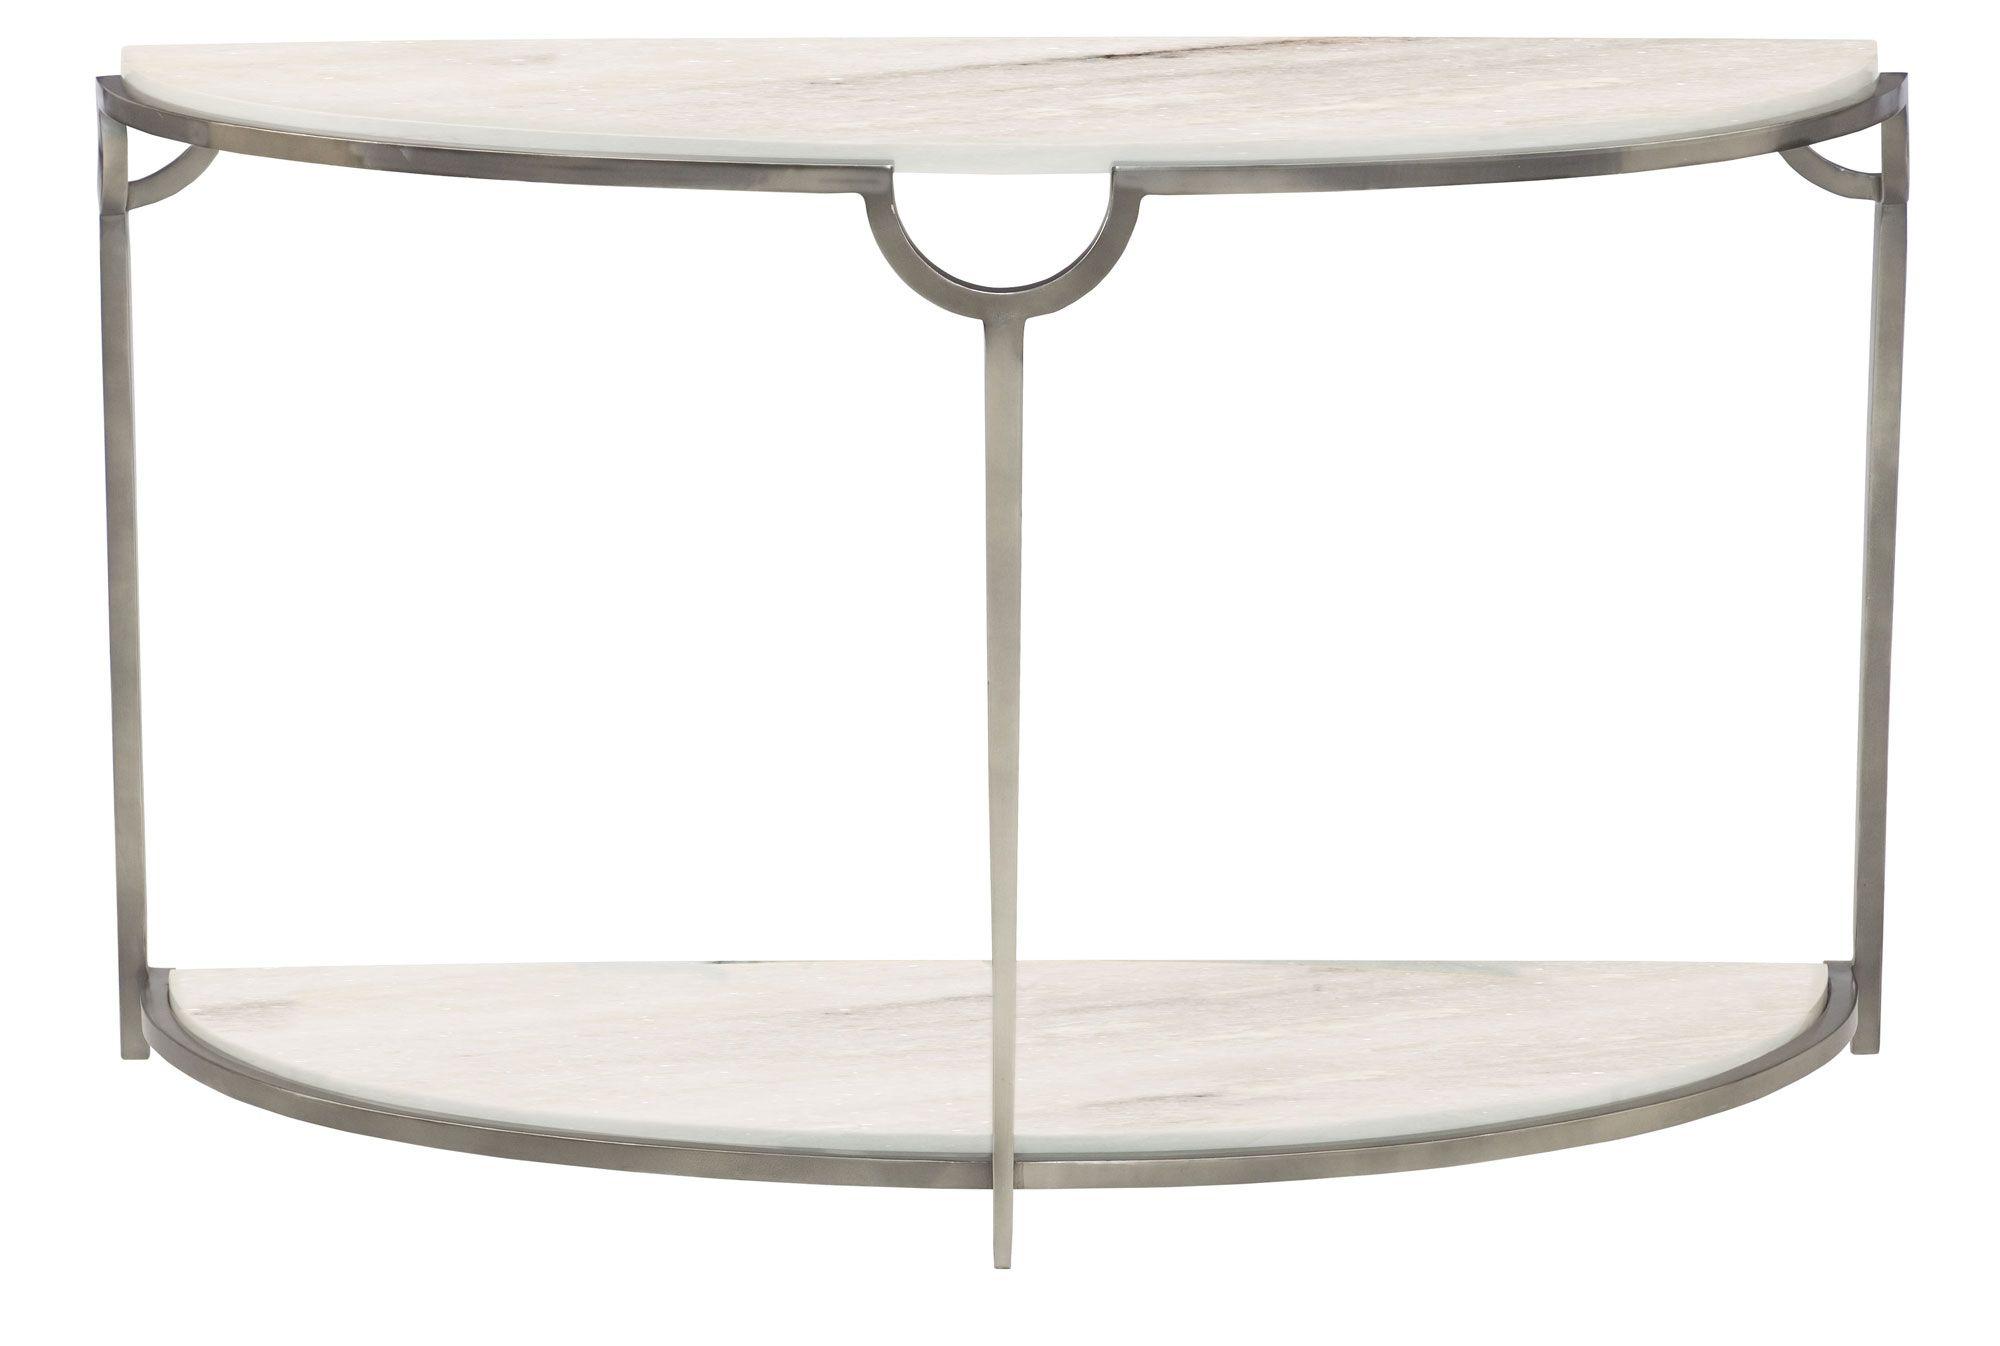 Small Demilune Hall Table bernhardt morello demilune console table #469-913 w: 48 d: 18 h